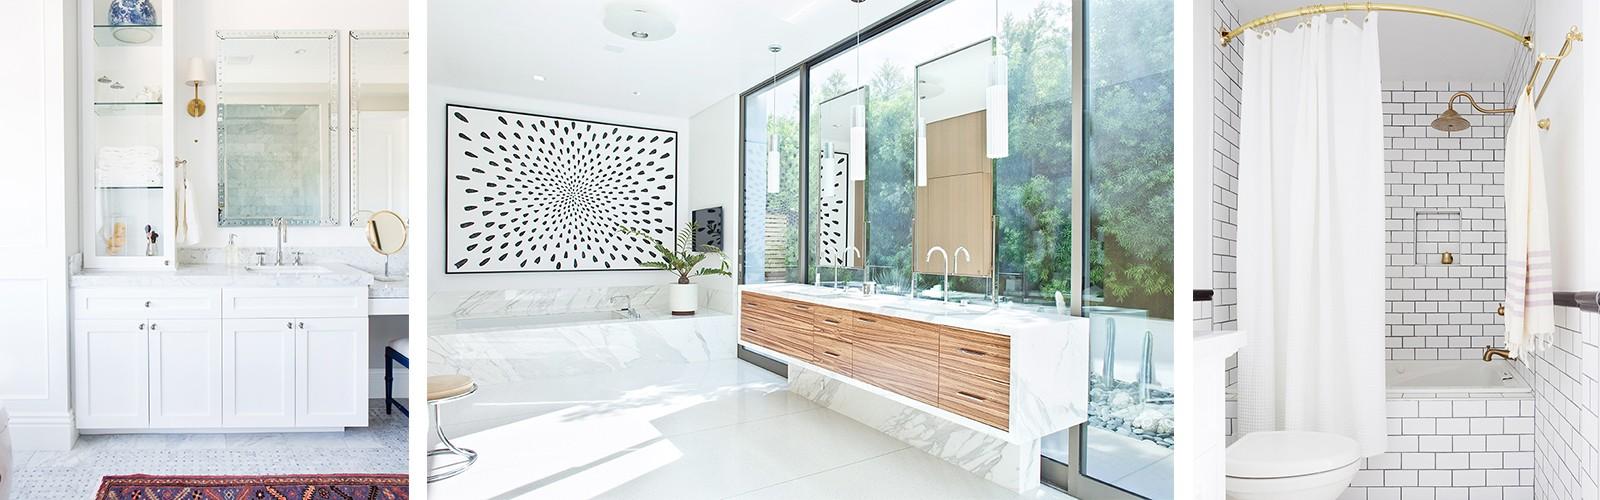 An Expert Shares Her Top White Bathroom Ideas | MyDomaine